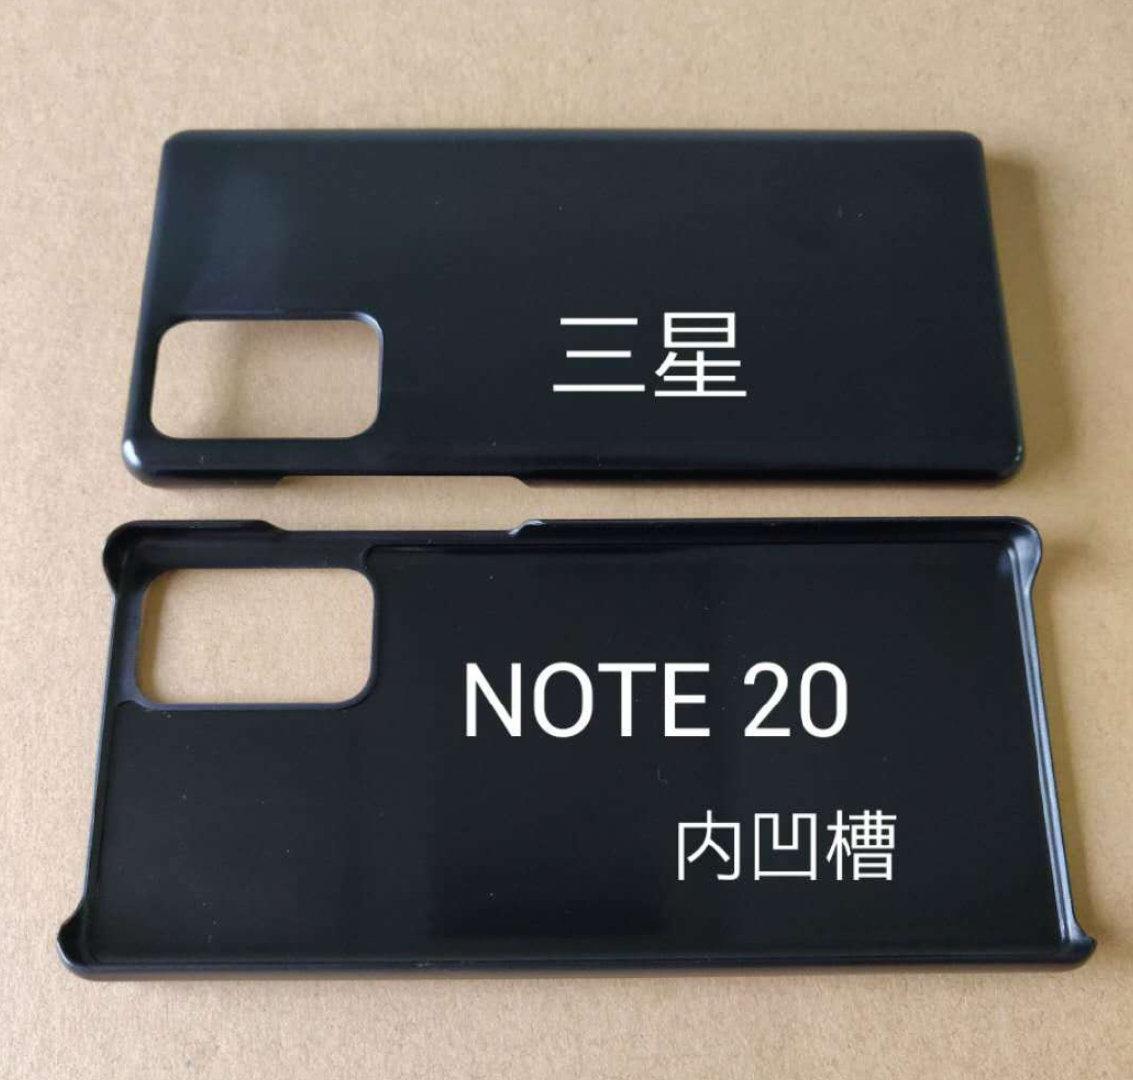 Samsung GALAXY Note 20 carcase chinezi